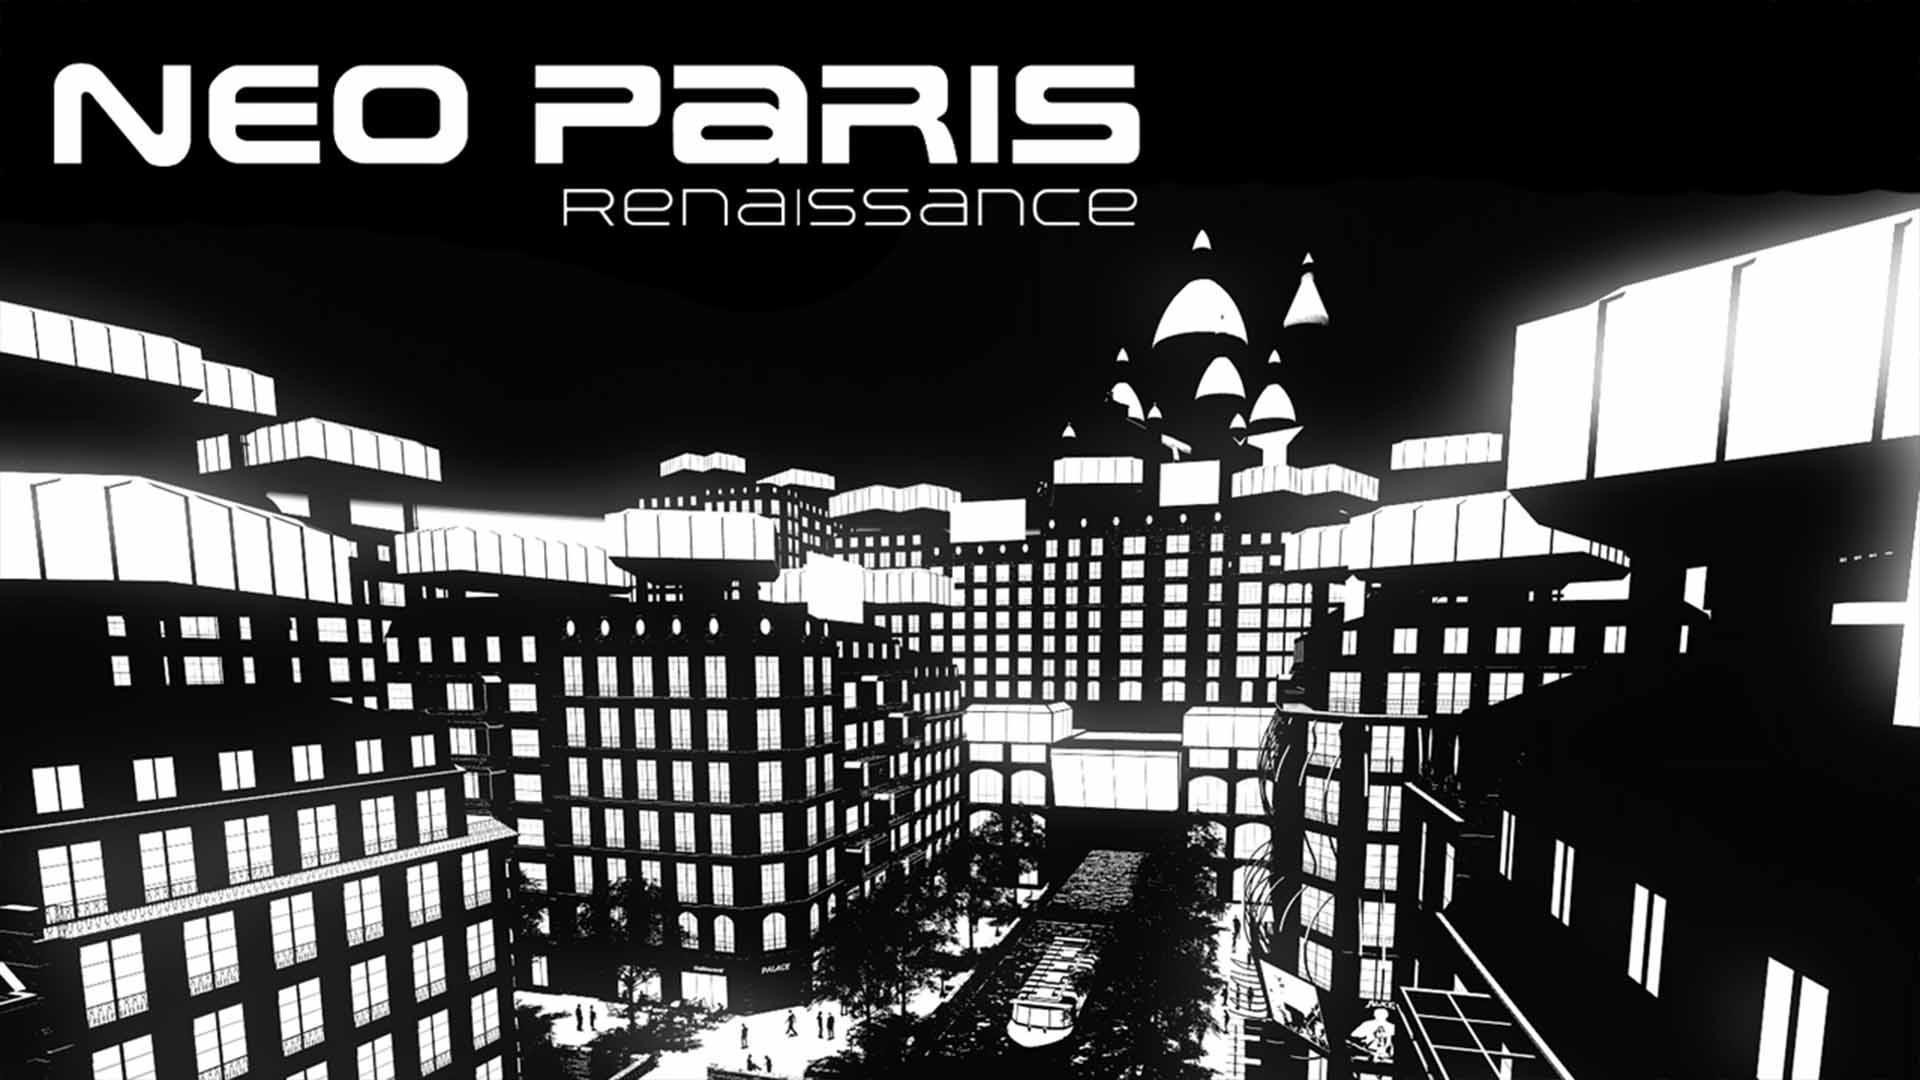 NEO PARIS